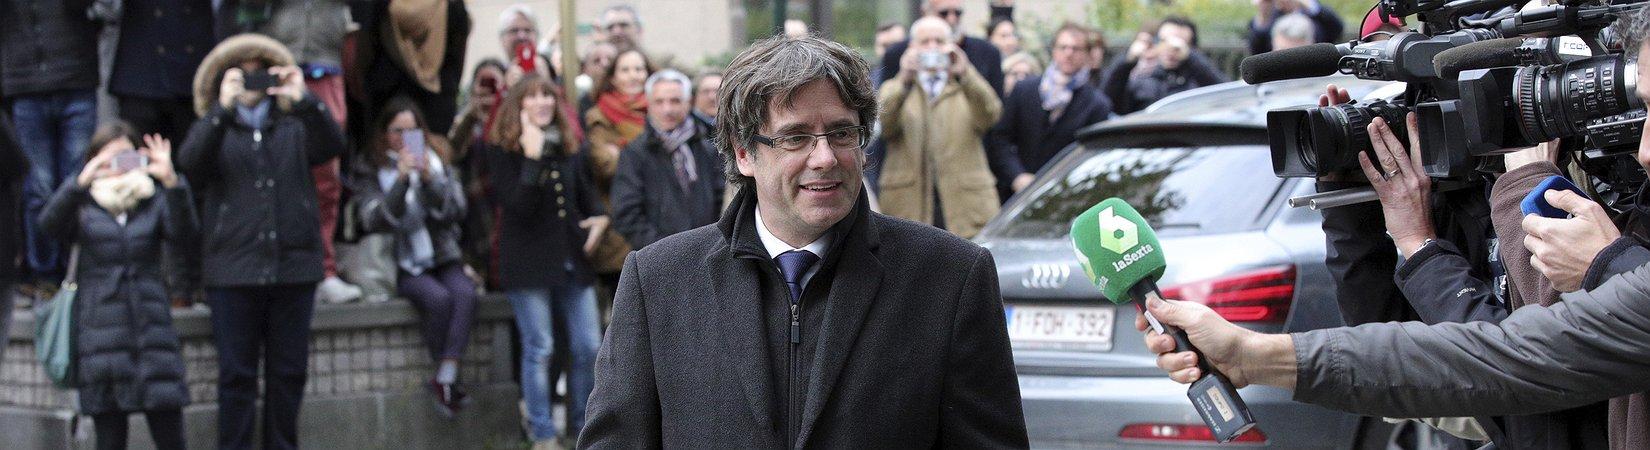 Puigdemont y sus exconsejeros quedan en libertad condicional